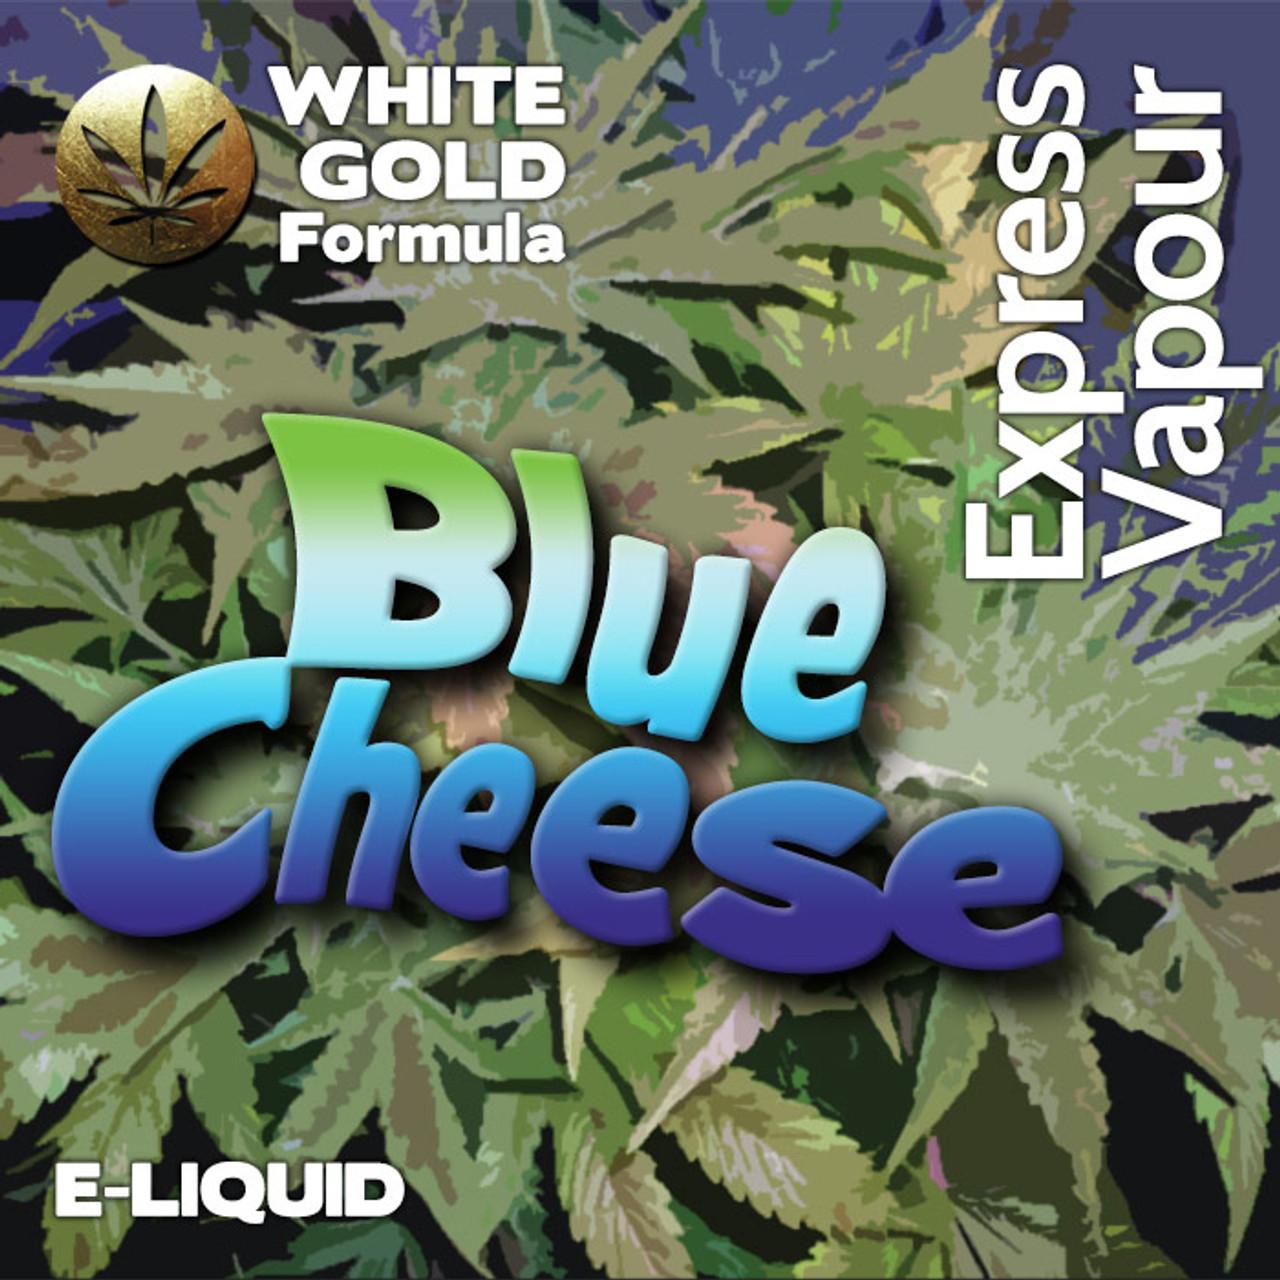 Blue Cheese - White Gold Formula e-liquid 60% VG - 10ml